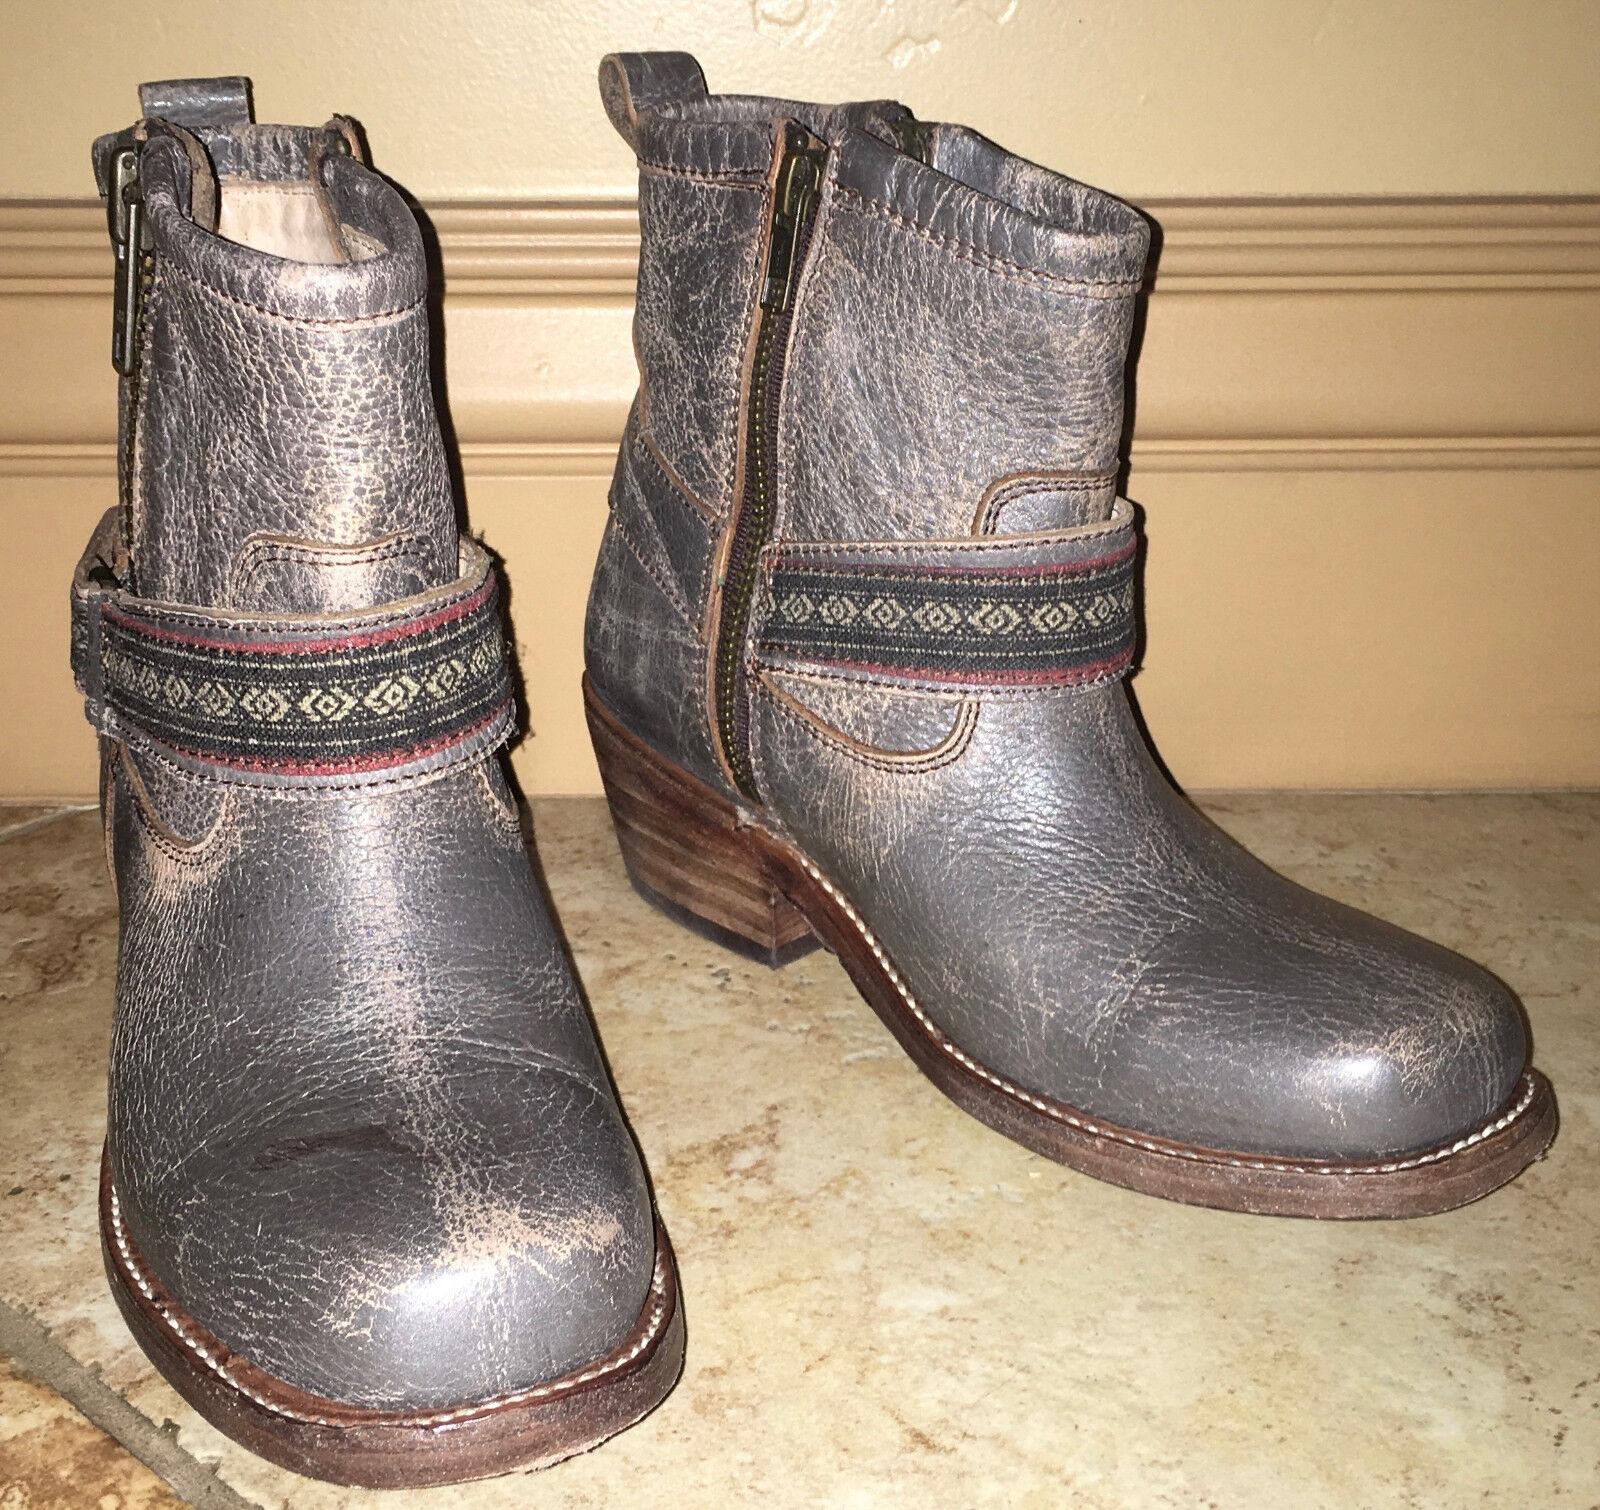 Nuevo En Caja Nuevo Bed Stu triple botas botas botas Botines Zapatos 6.5 gris tobillo de cuero al por menor  255  alta calidad